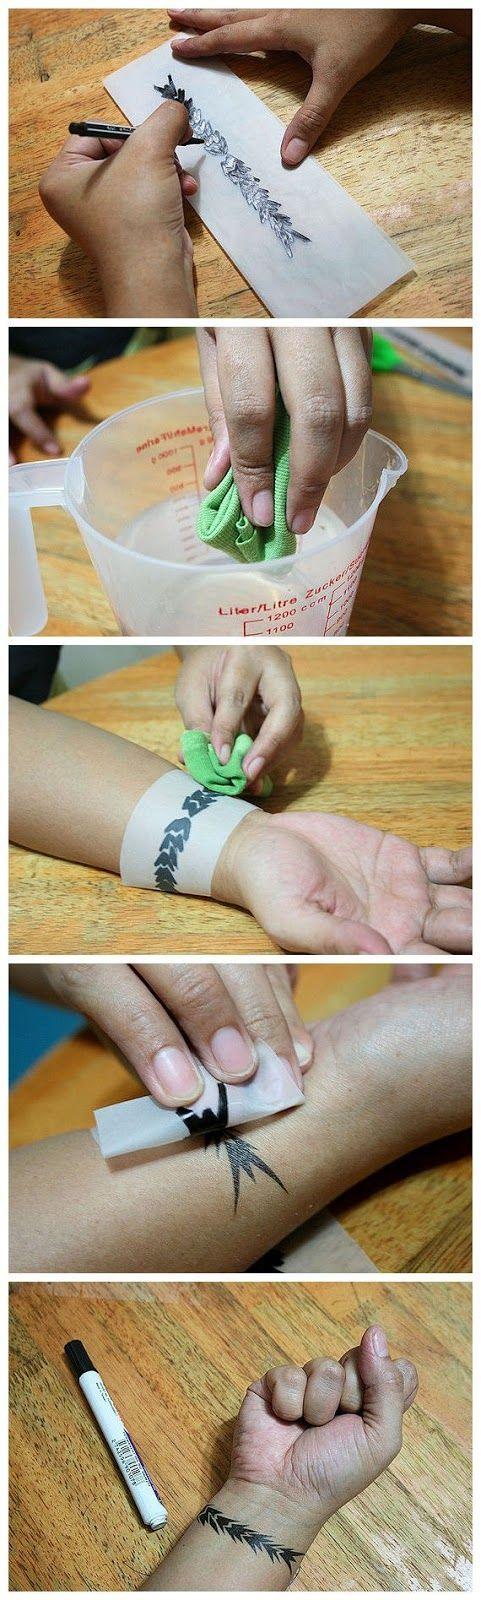 Haz tus propios tatuajes con rotulador negro y papel de cebolla, barato y funciona.